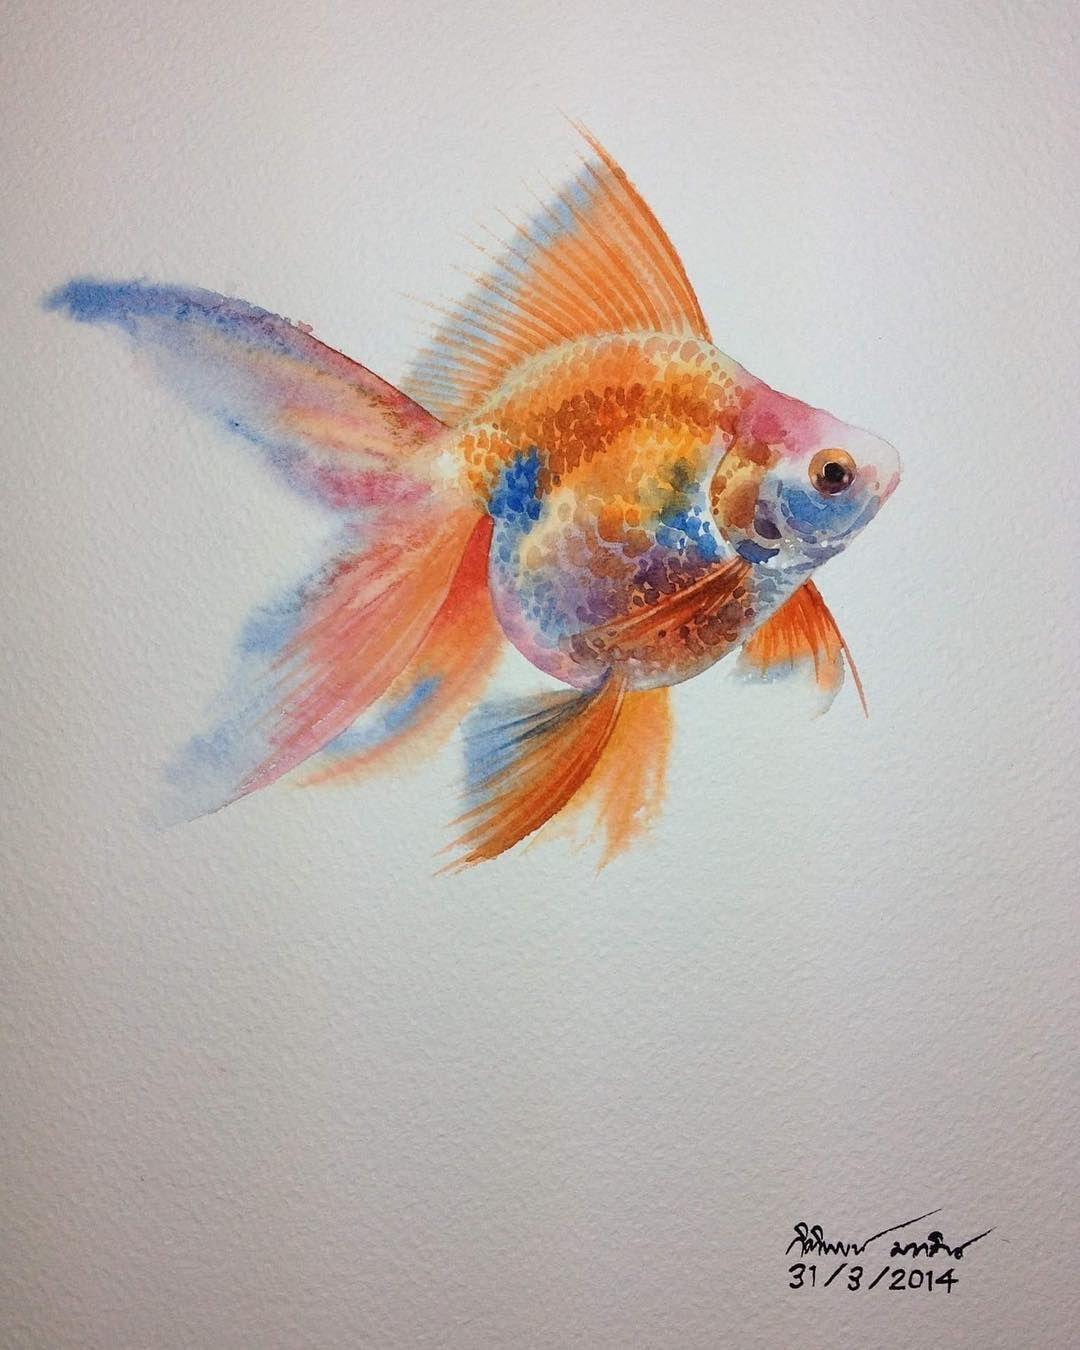 Нет описания фото. | Произведения искусства с рыбами ...